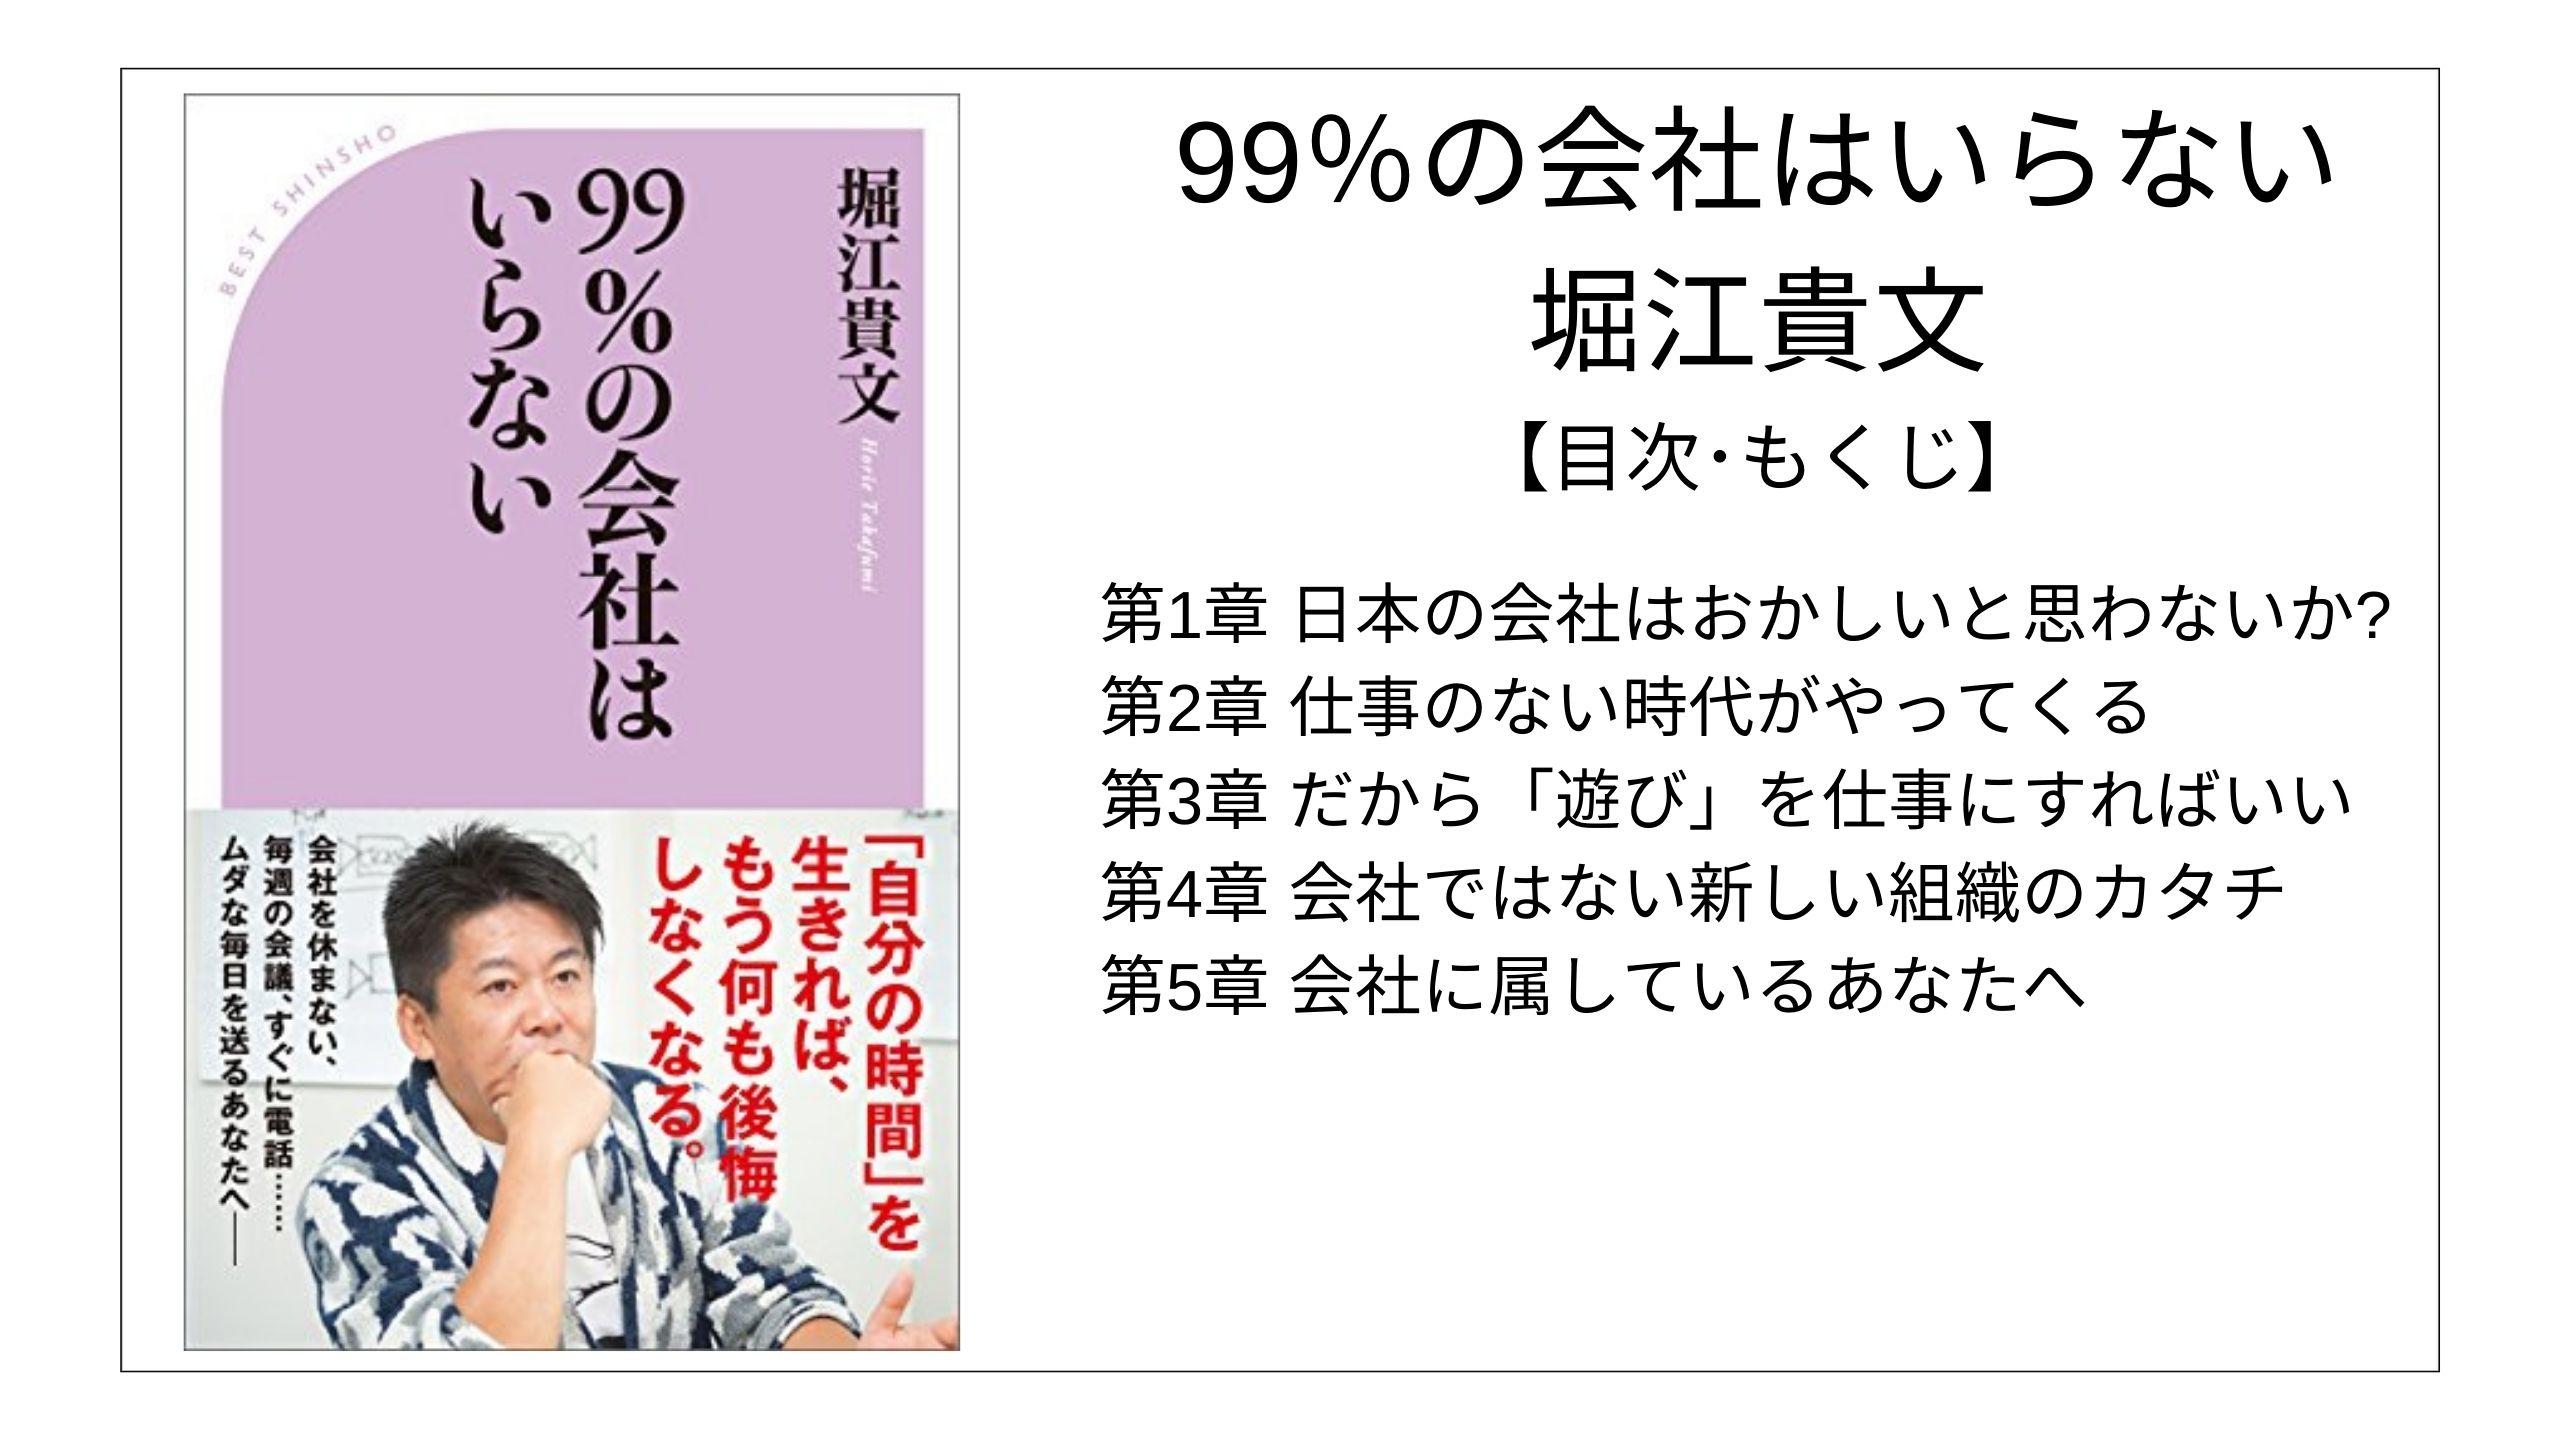 【目次】99%の会社はいらない / 堀江貴文(ホリエモン) 【要点】